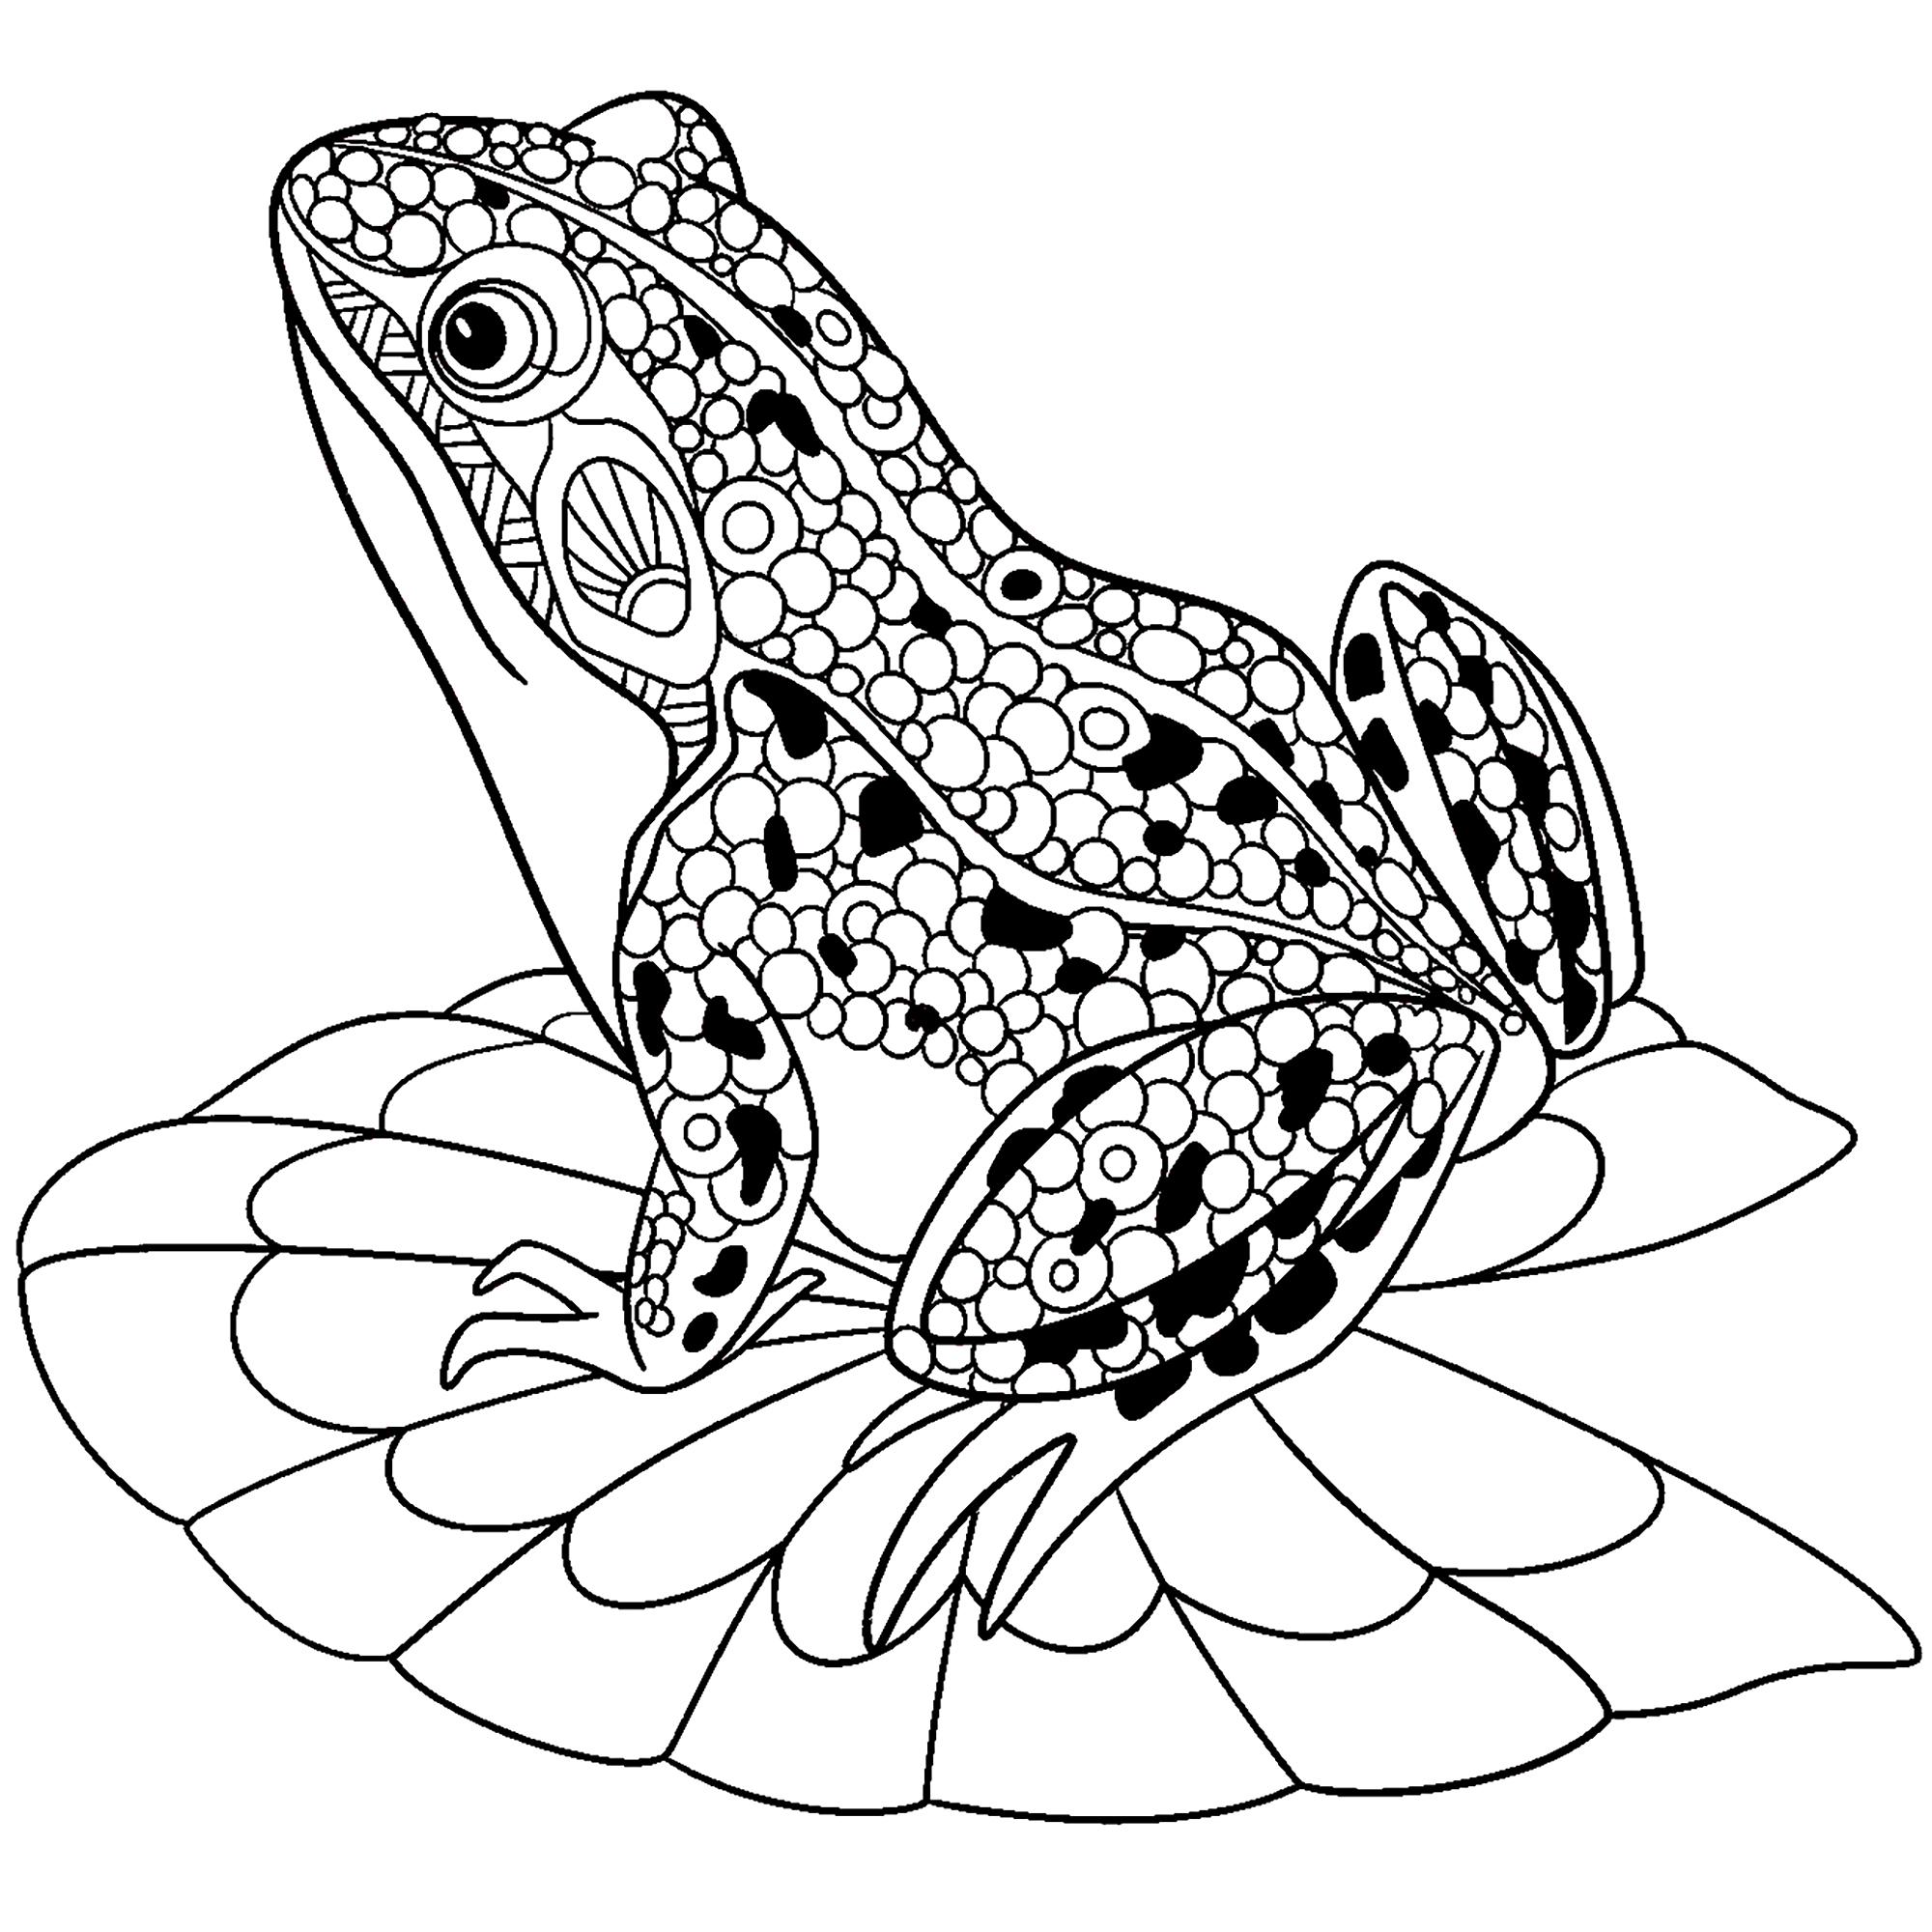 Élégant Grenouille Image Coloriage